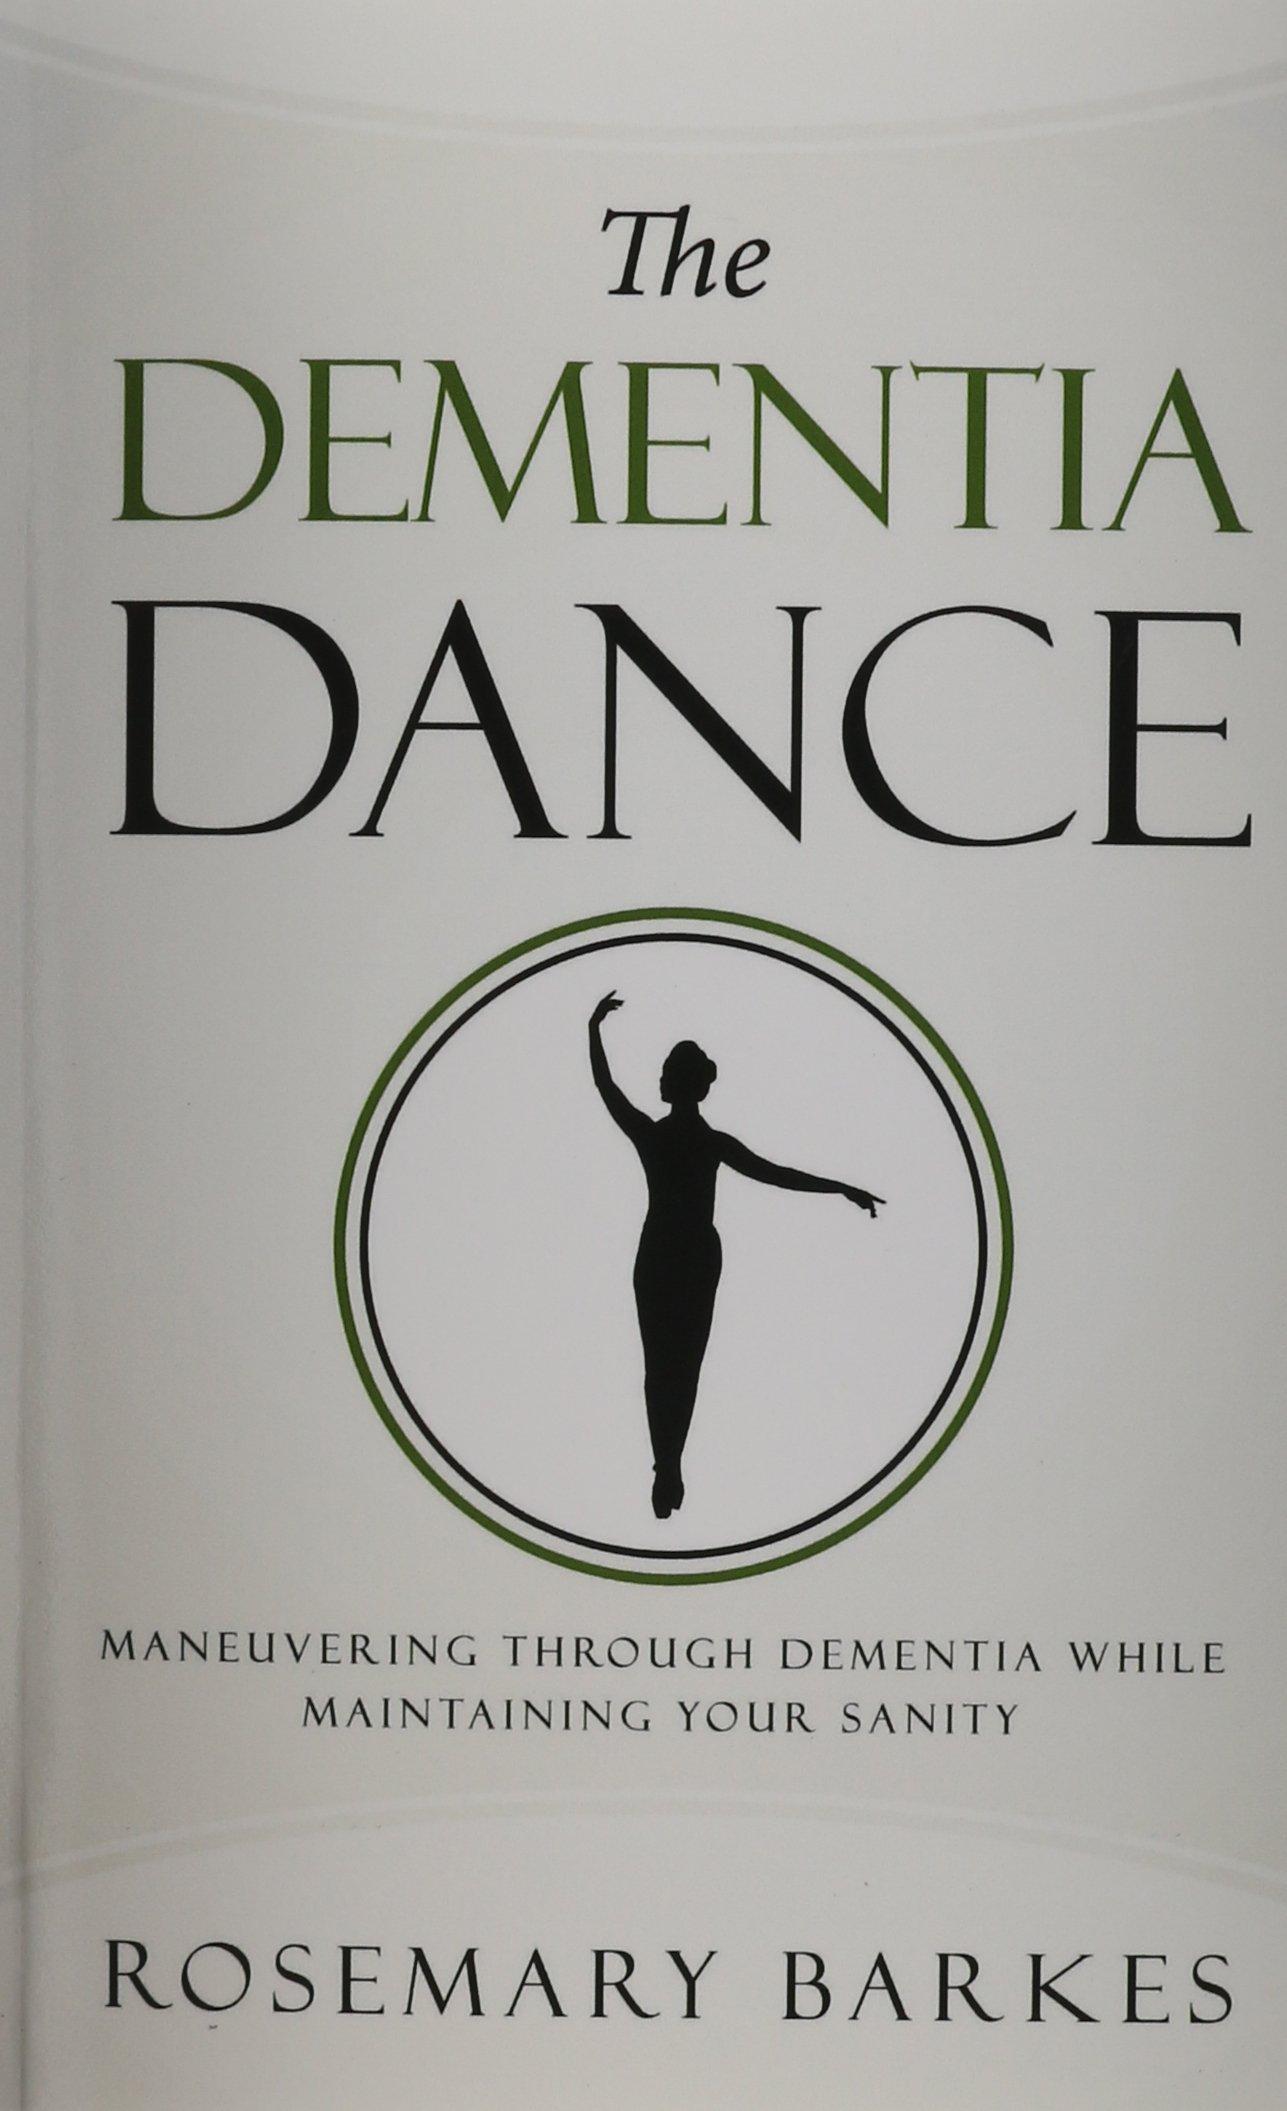 The Dementia Dance PDF ePub book